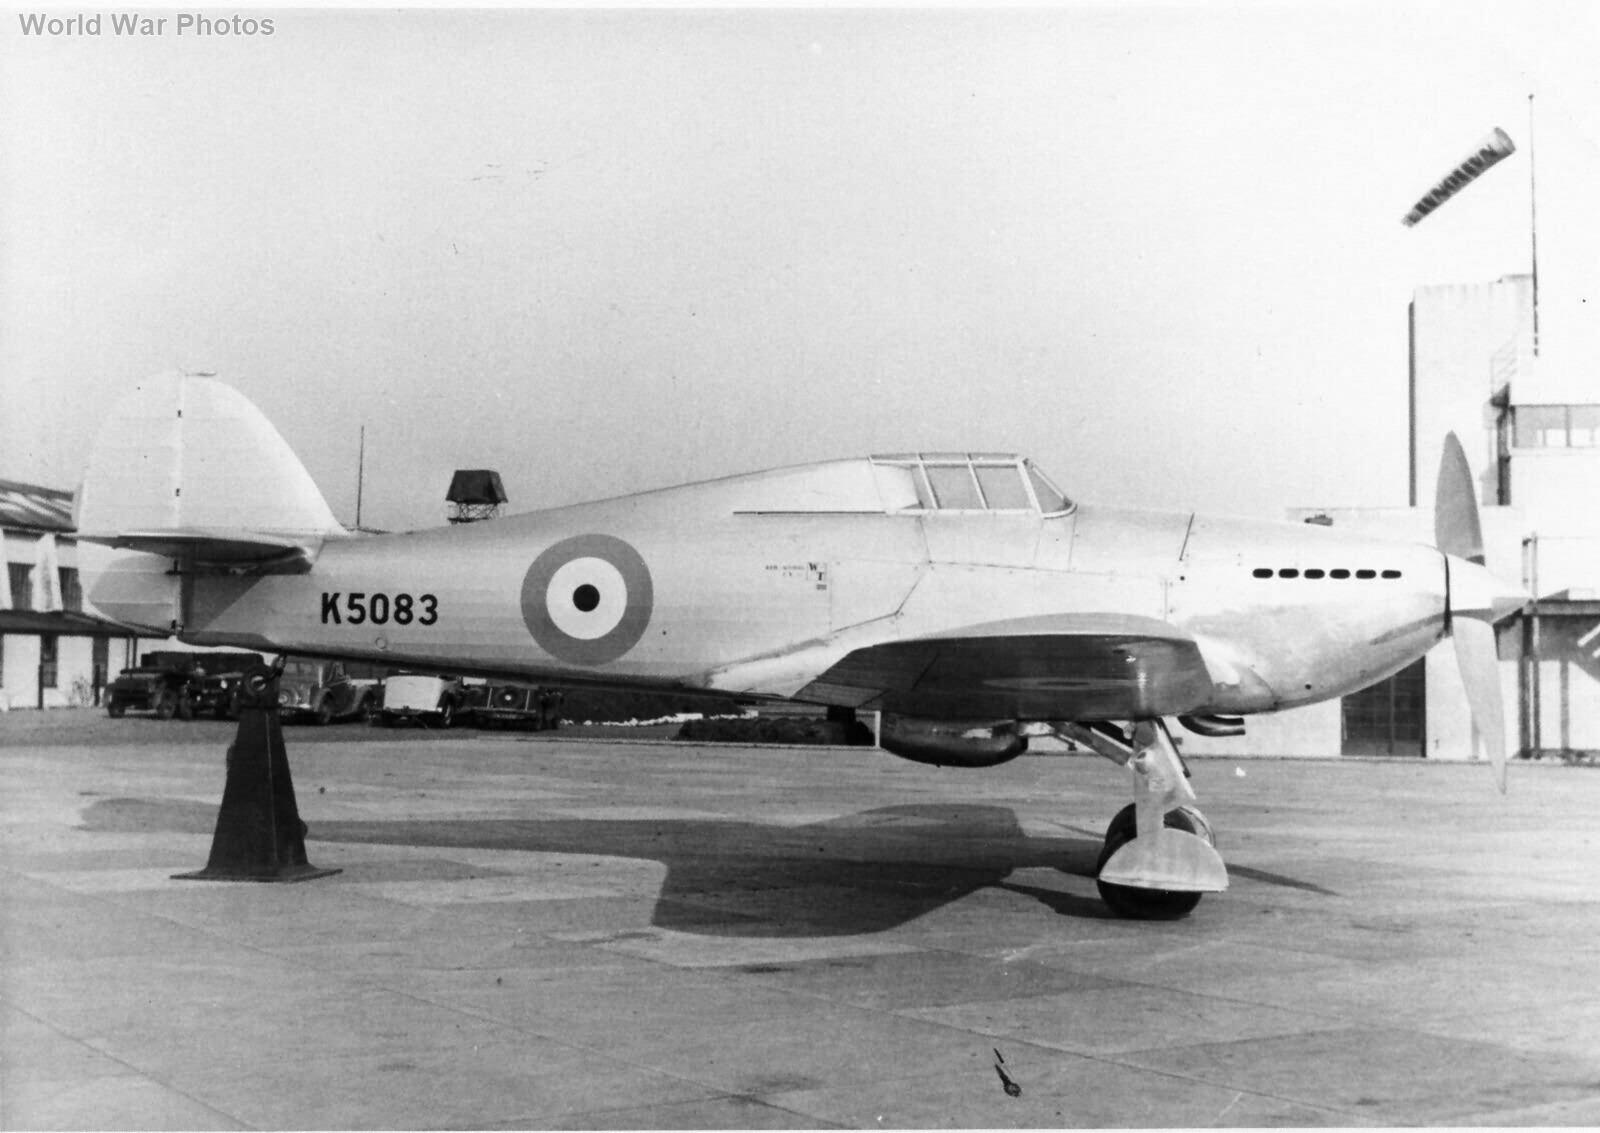 Prototype Hurricane K5083